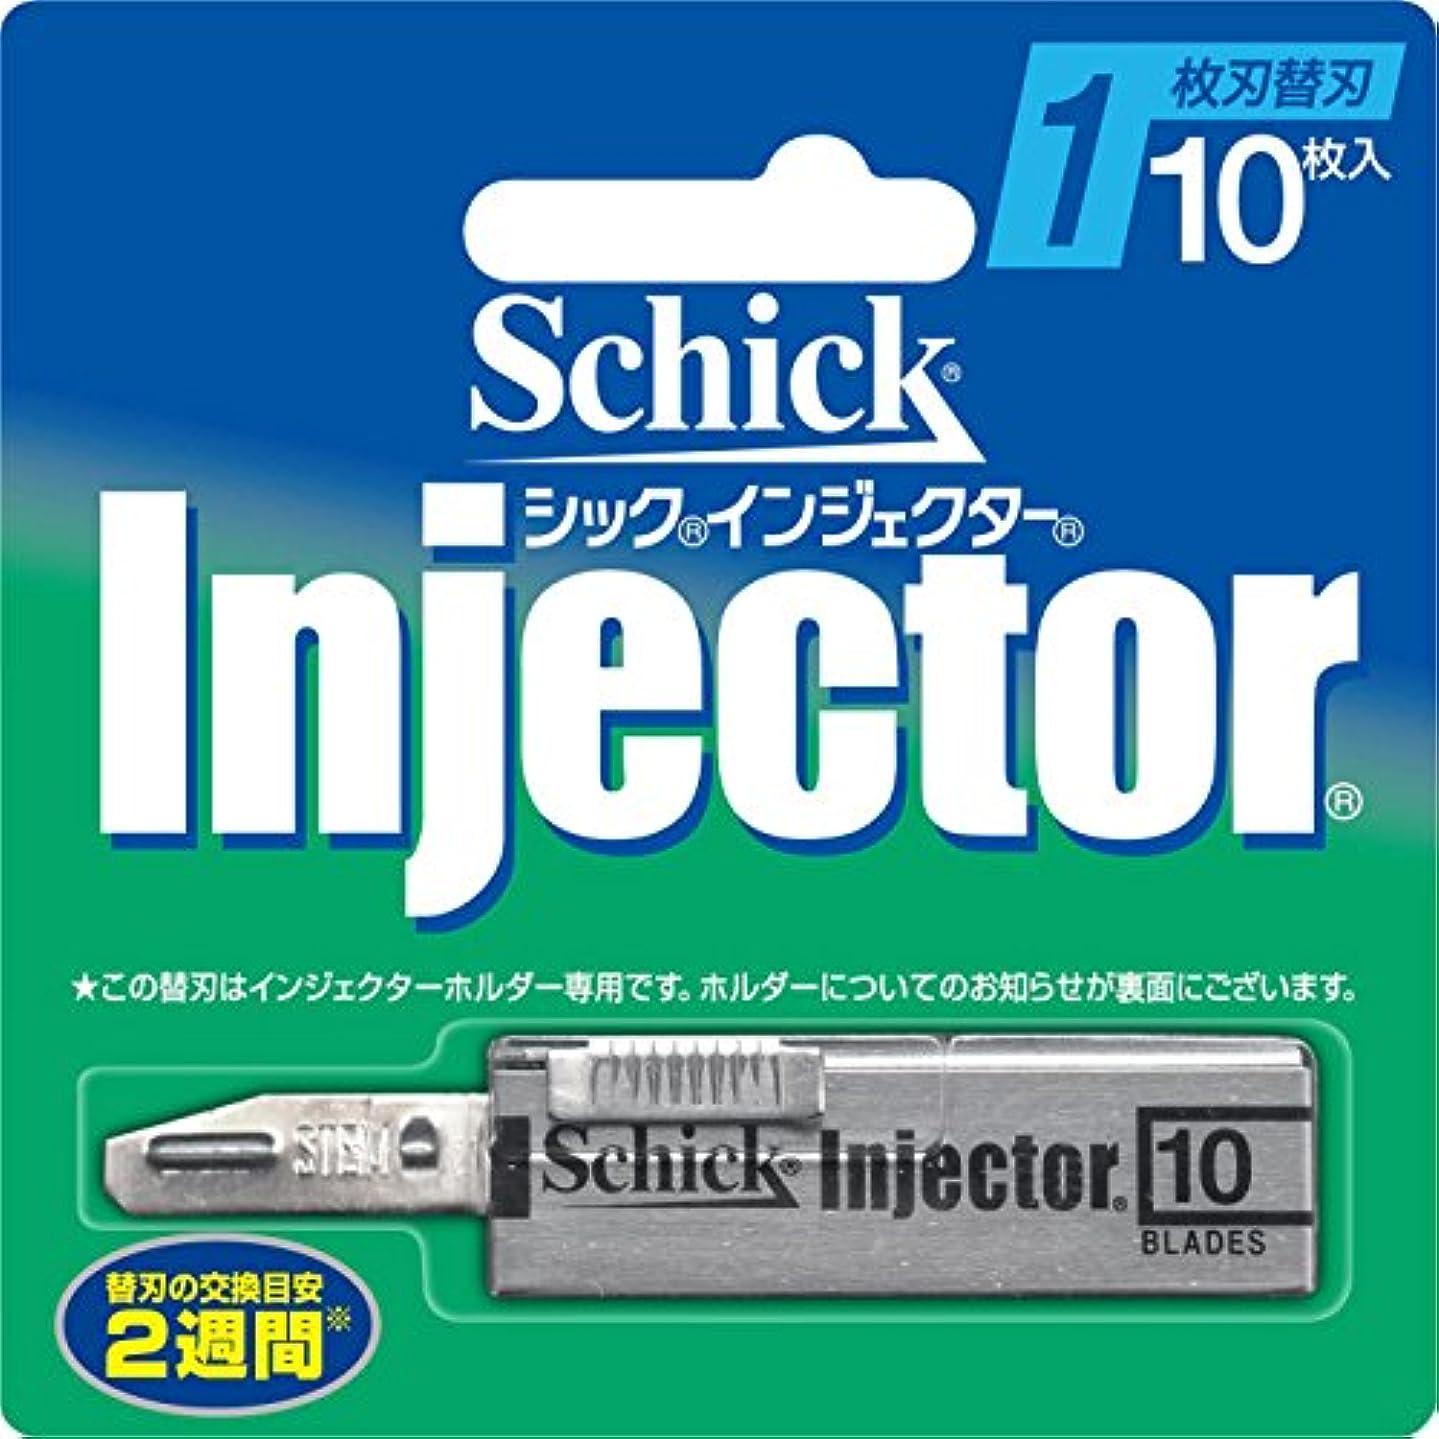 オゾン失案件シック インジエクター 1枚刃 替刃 10枚入